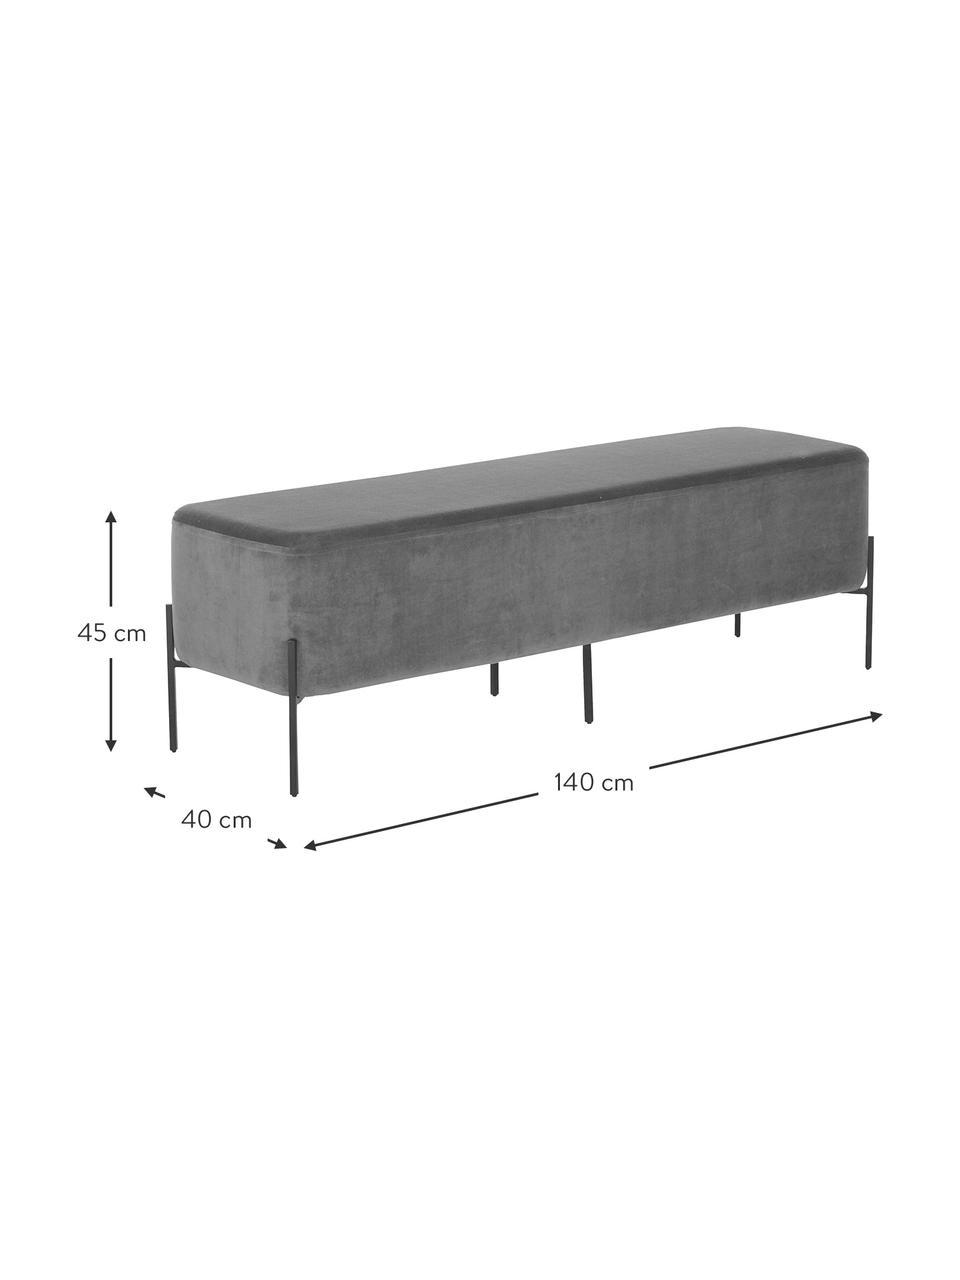 Samt-Polsterbank Harper, Bezug: Baumwollsamt, Fuß: Metall, pulverbeschichtet, Samt Dunkelgrau, Schwarz, 140 x 45 cm